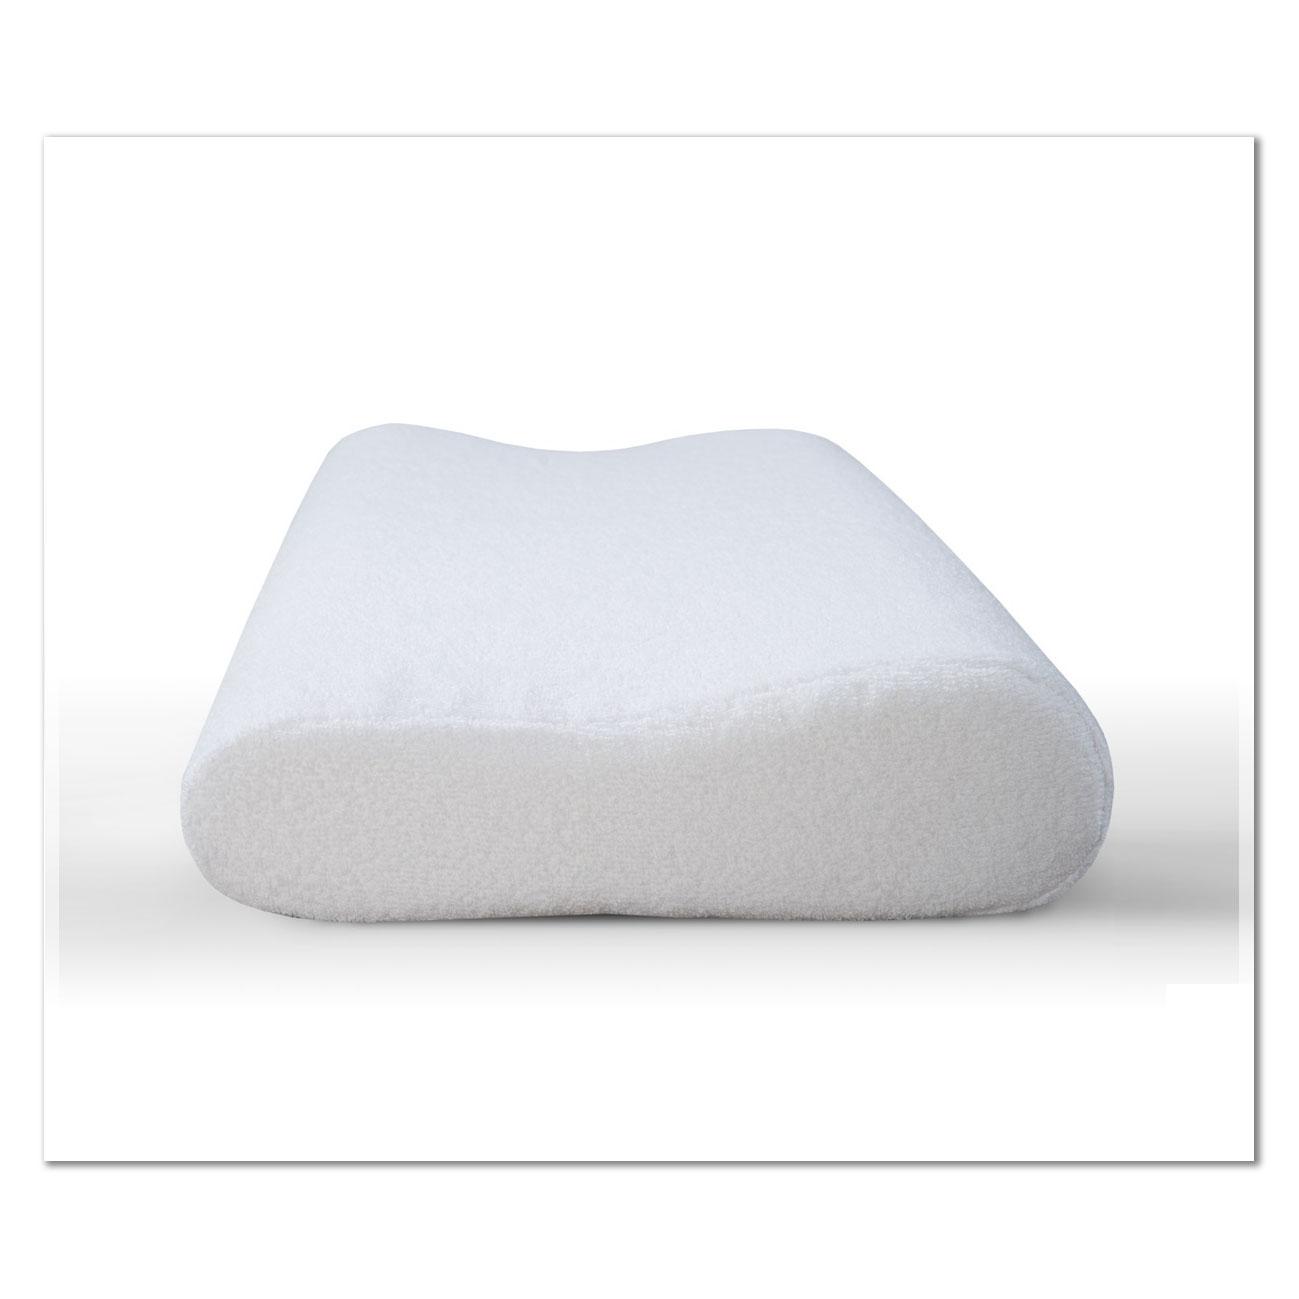 C комбинированным чехломДля комфортного сна, отдыха и работы<br>Чехол: Съемный, на молнии <br>Высота подушки: 13 см<br><br>Тип: Подушка<br>Размер: 40х60<br>Материал: Полиэстер